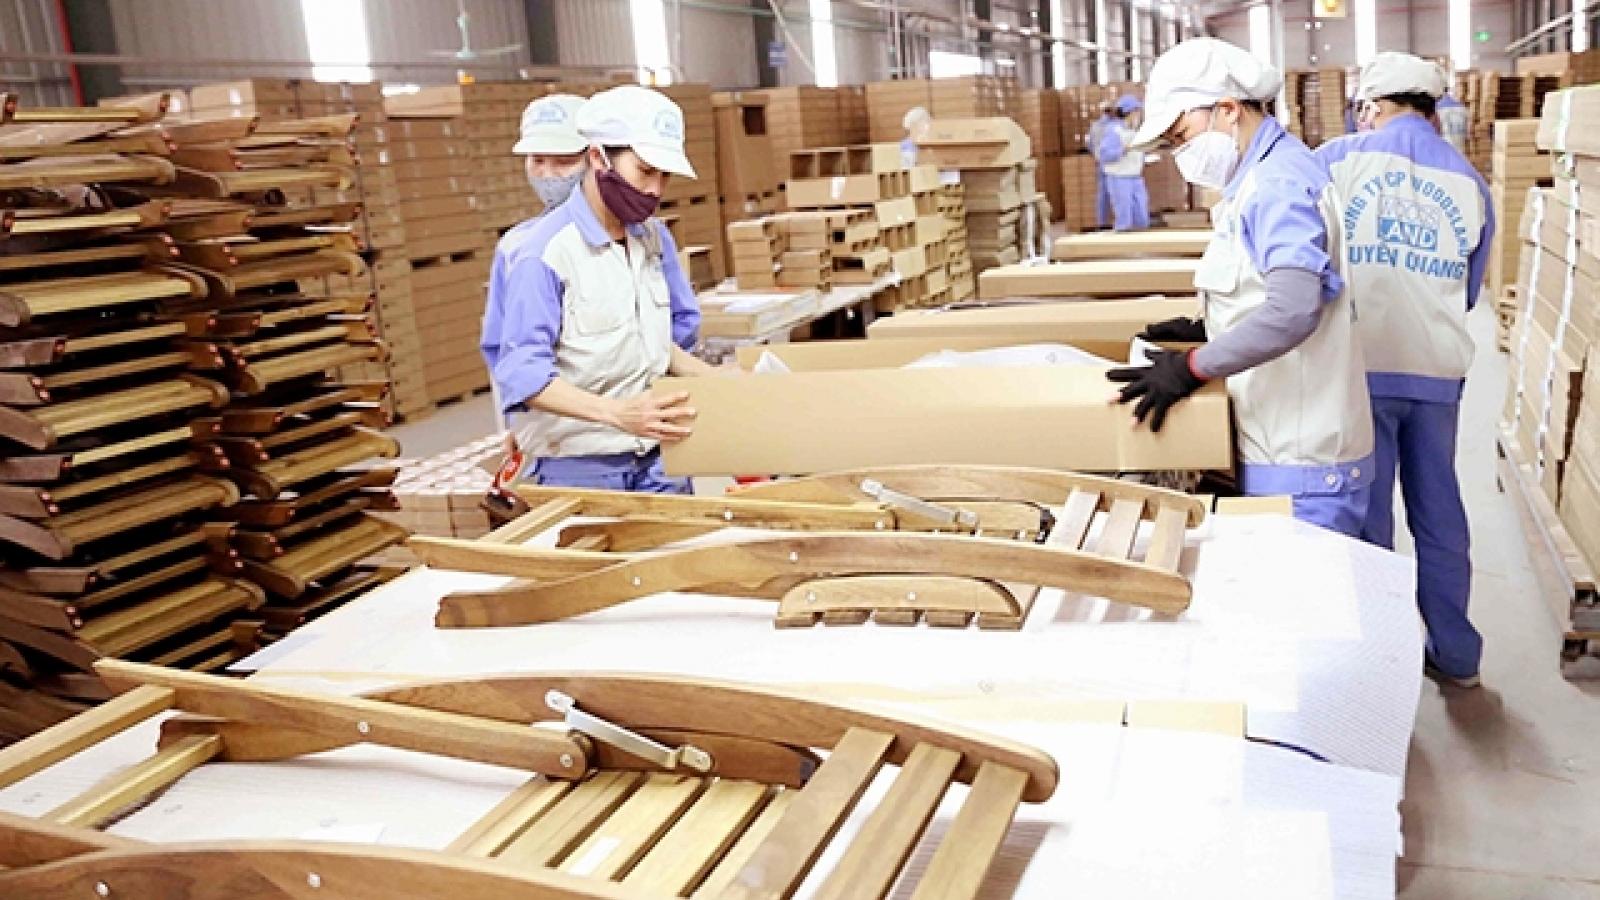 Chịu ảnh hưởng dịch Covid-19, xuất khẩu gỗ và đồ gỗ vẫn tăng trưởng